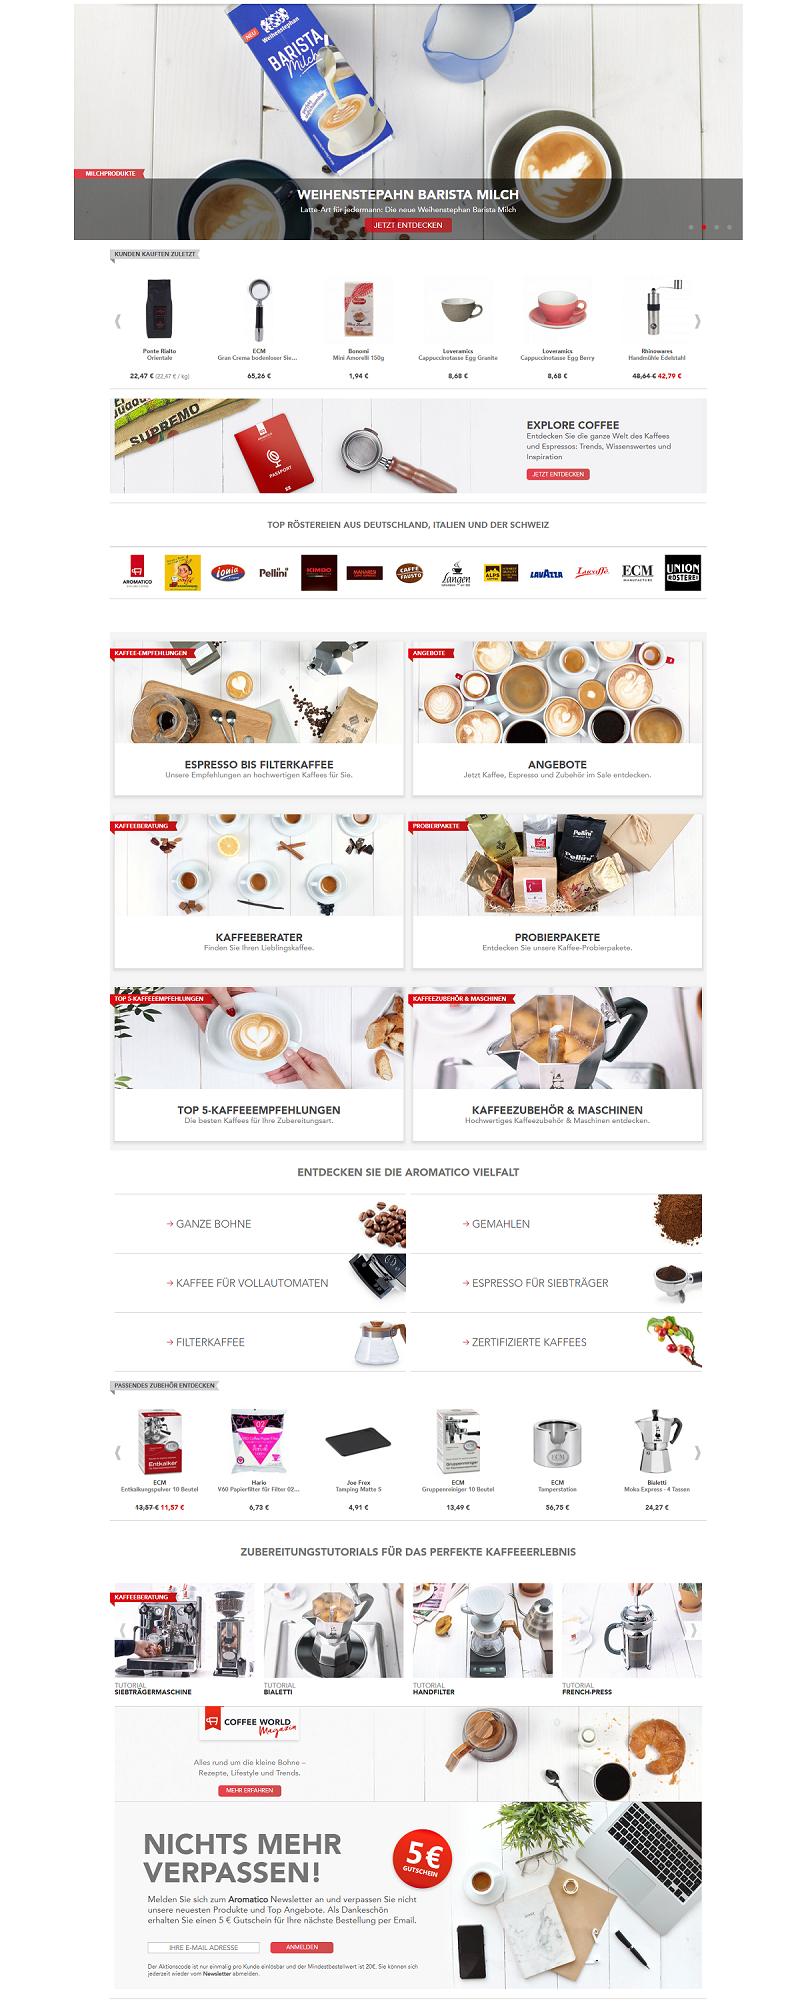 Premium-Kaffee-Espresso-im-Online-Shop-von-Aroma